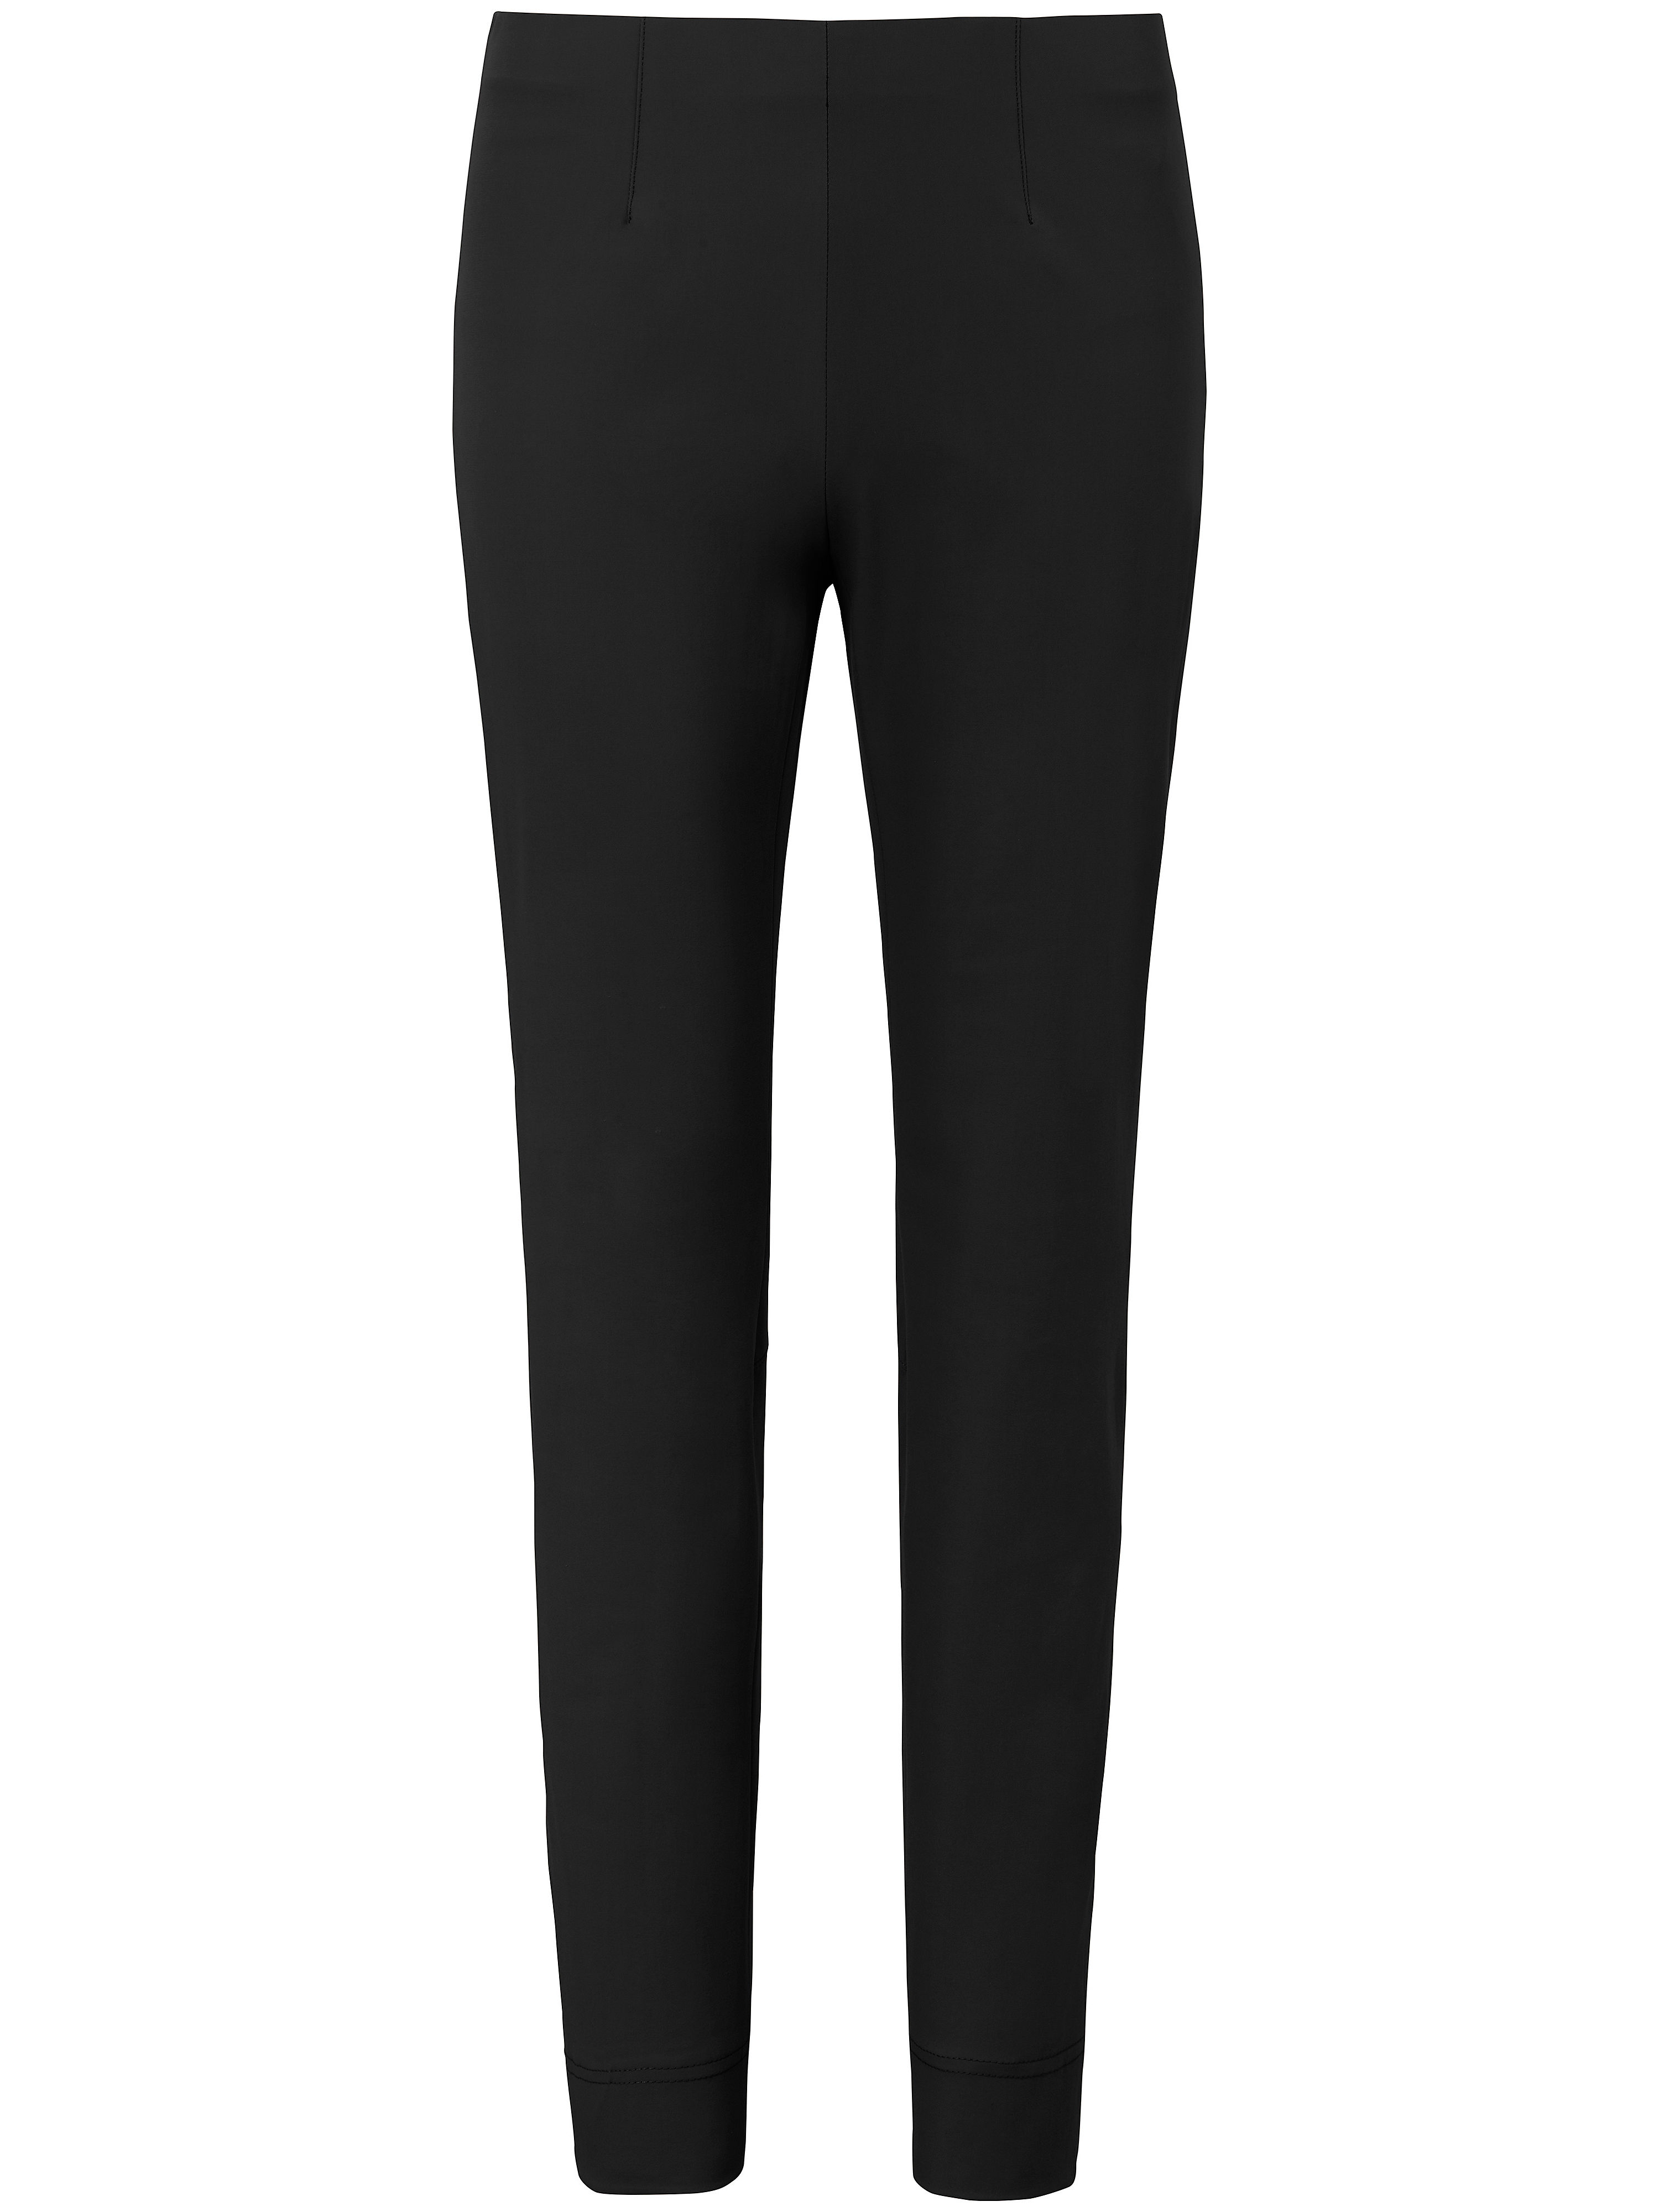 Le pantalon longueur chevilles modèle Maxima  Raffaello Rossi noir taille 42